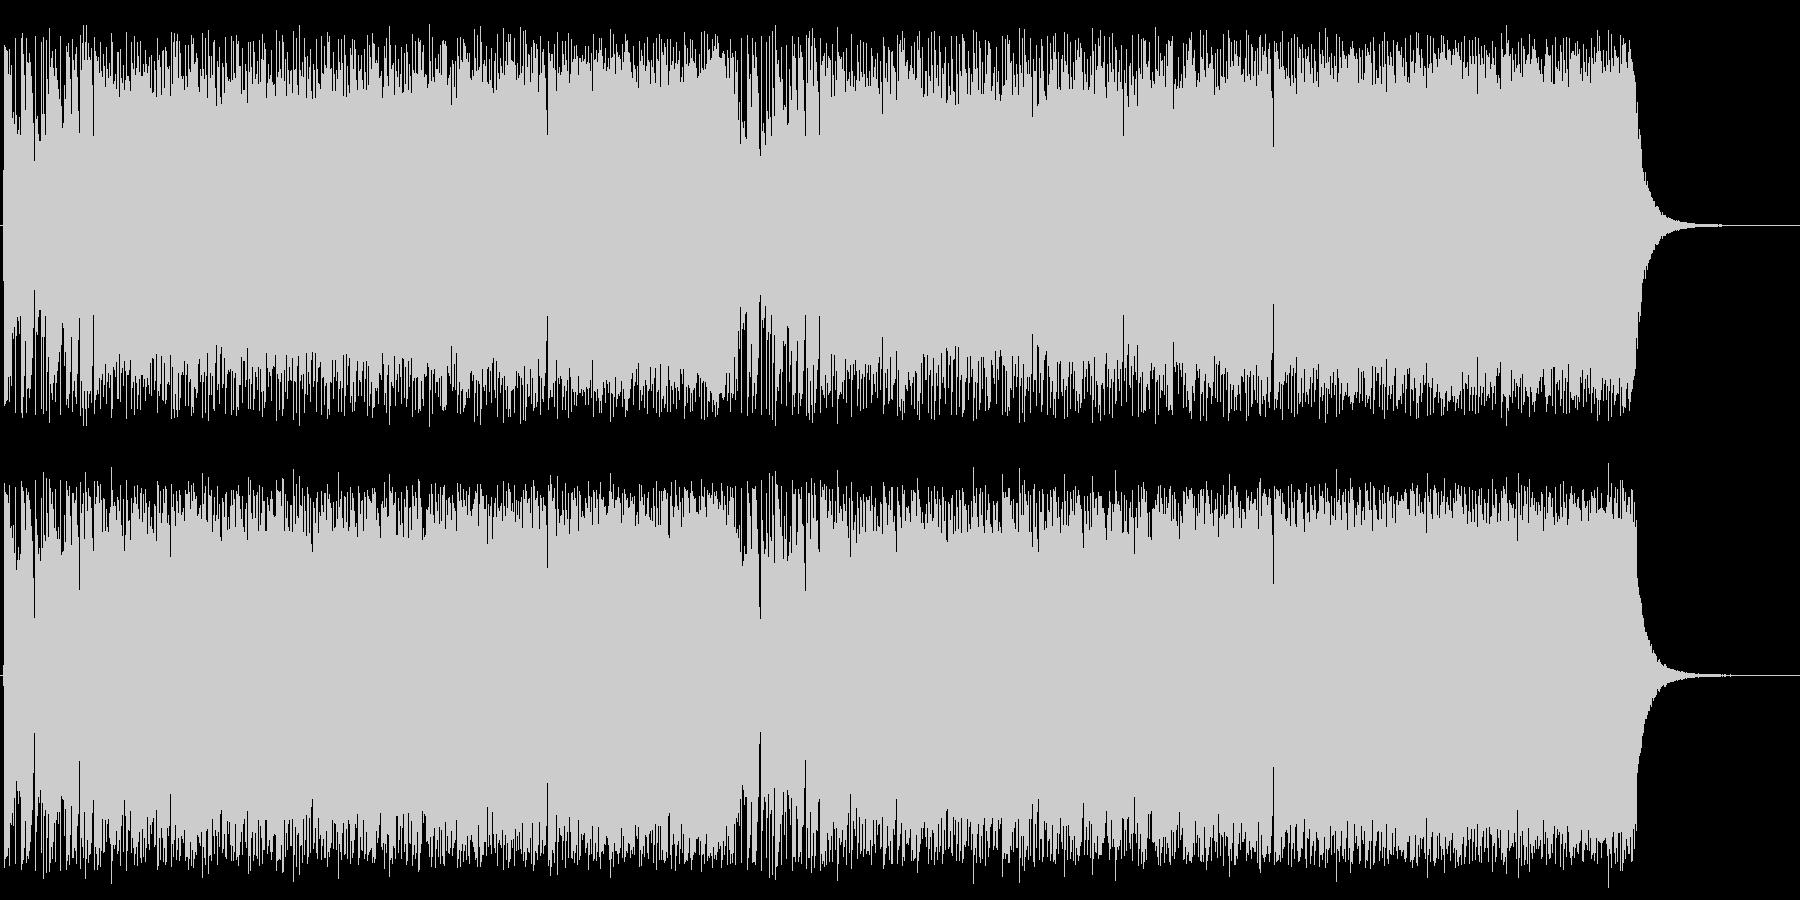 ポップでアップテンポな木琴混じりの曲の未再生の波形